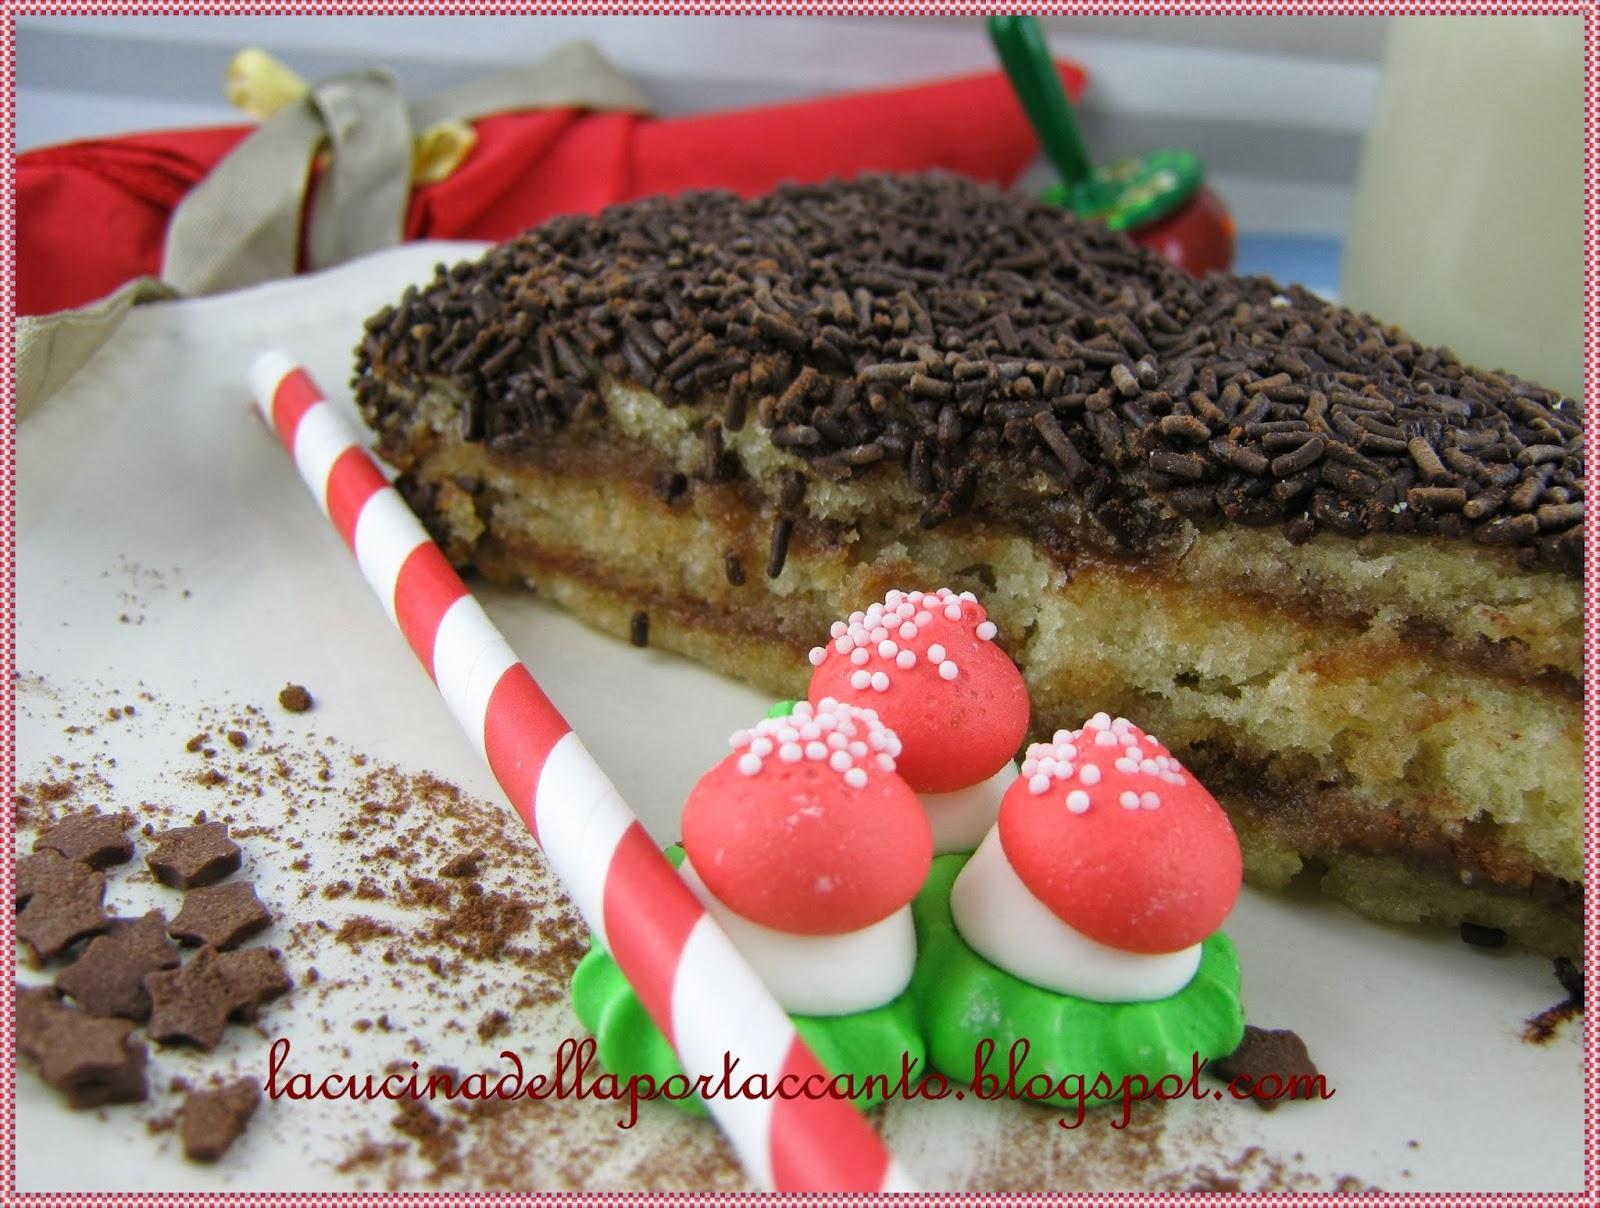 torta di pan di spagna con cacao e confettura di ribes rosso senza lattosio